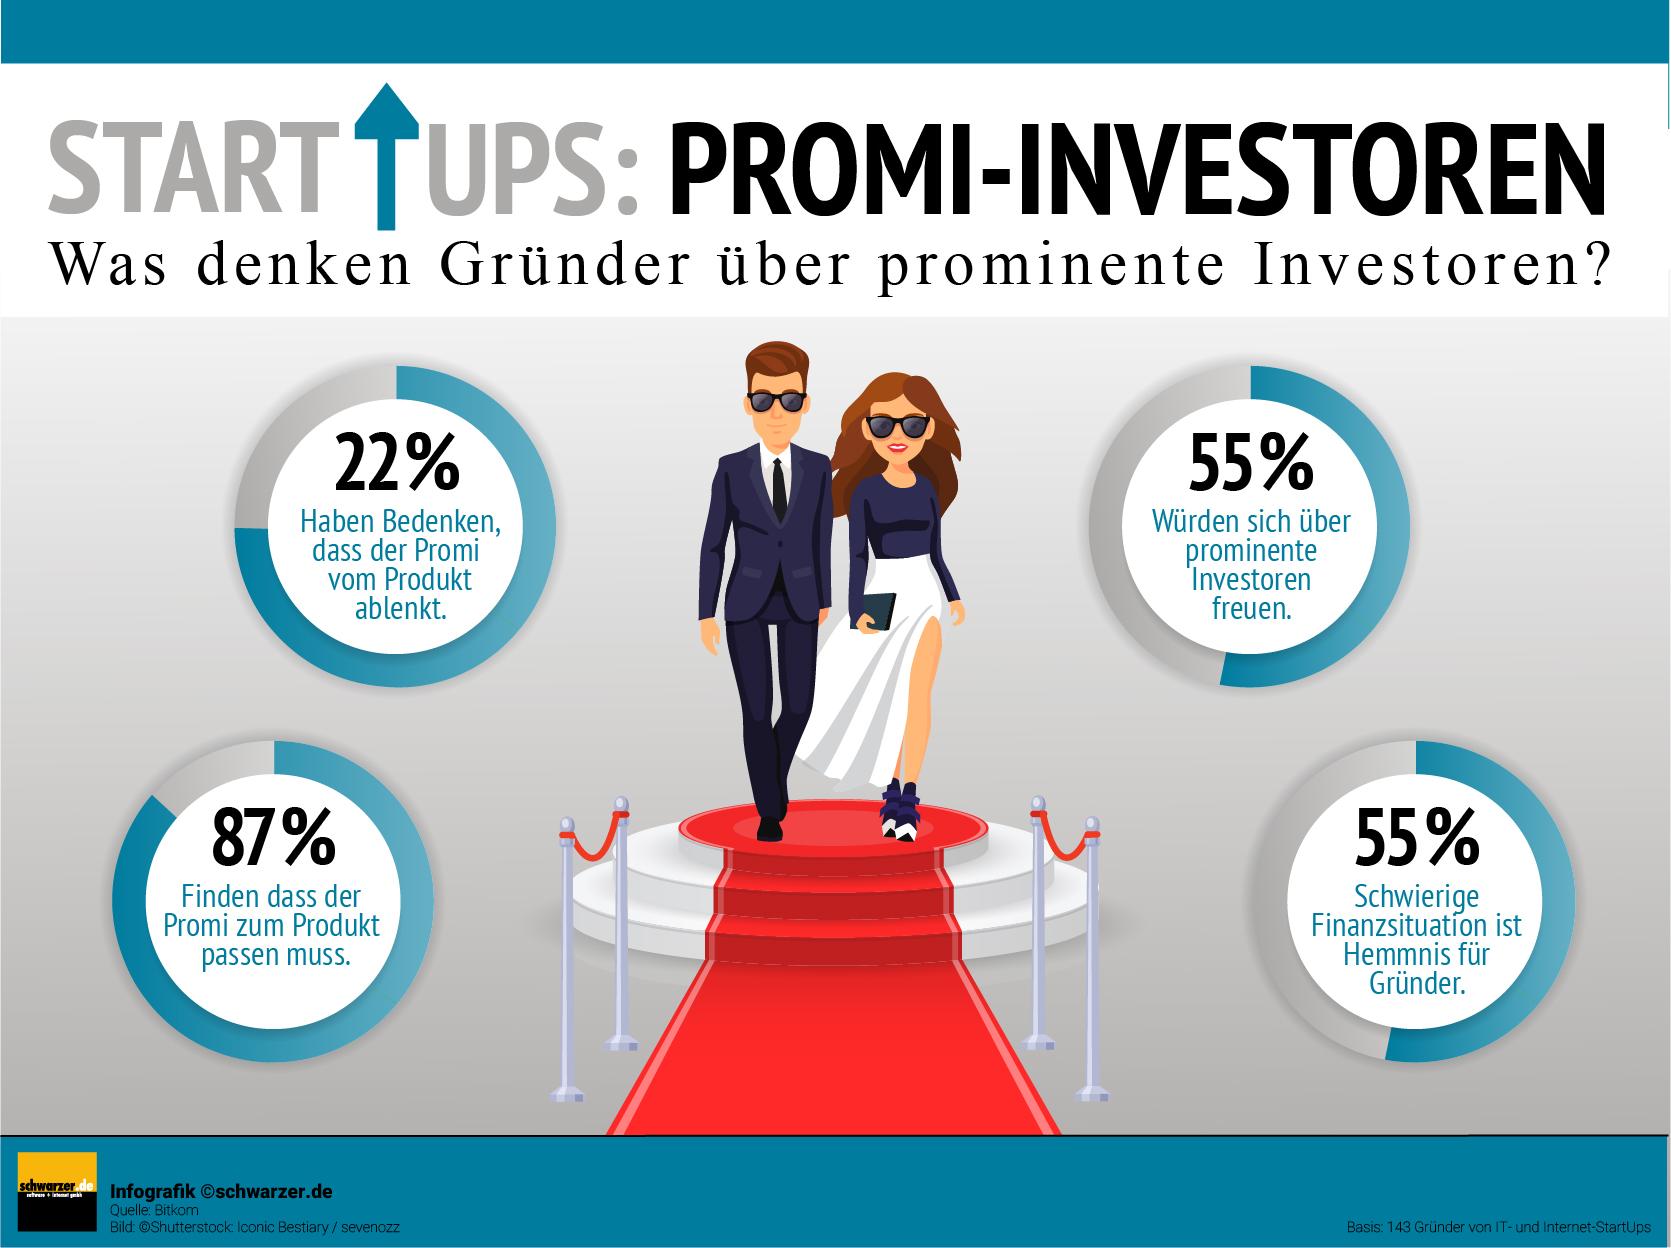 Infografik: StartUps und prominente Investoren. Was denken die Gründer über Promis?